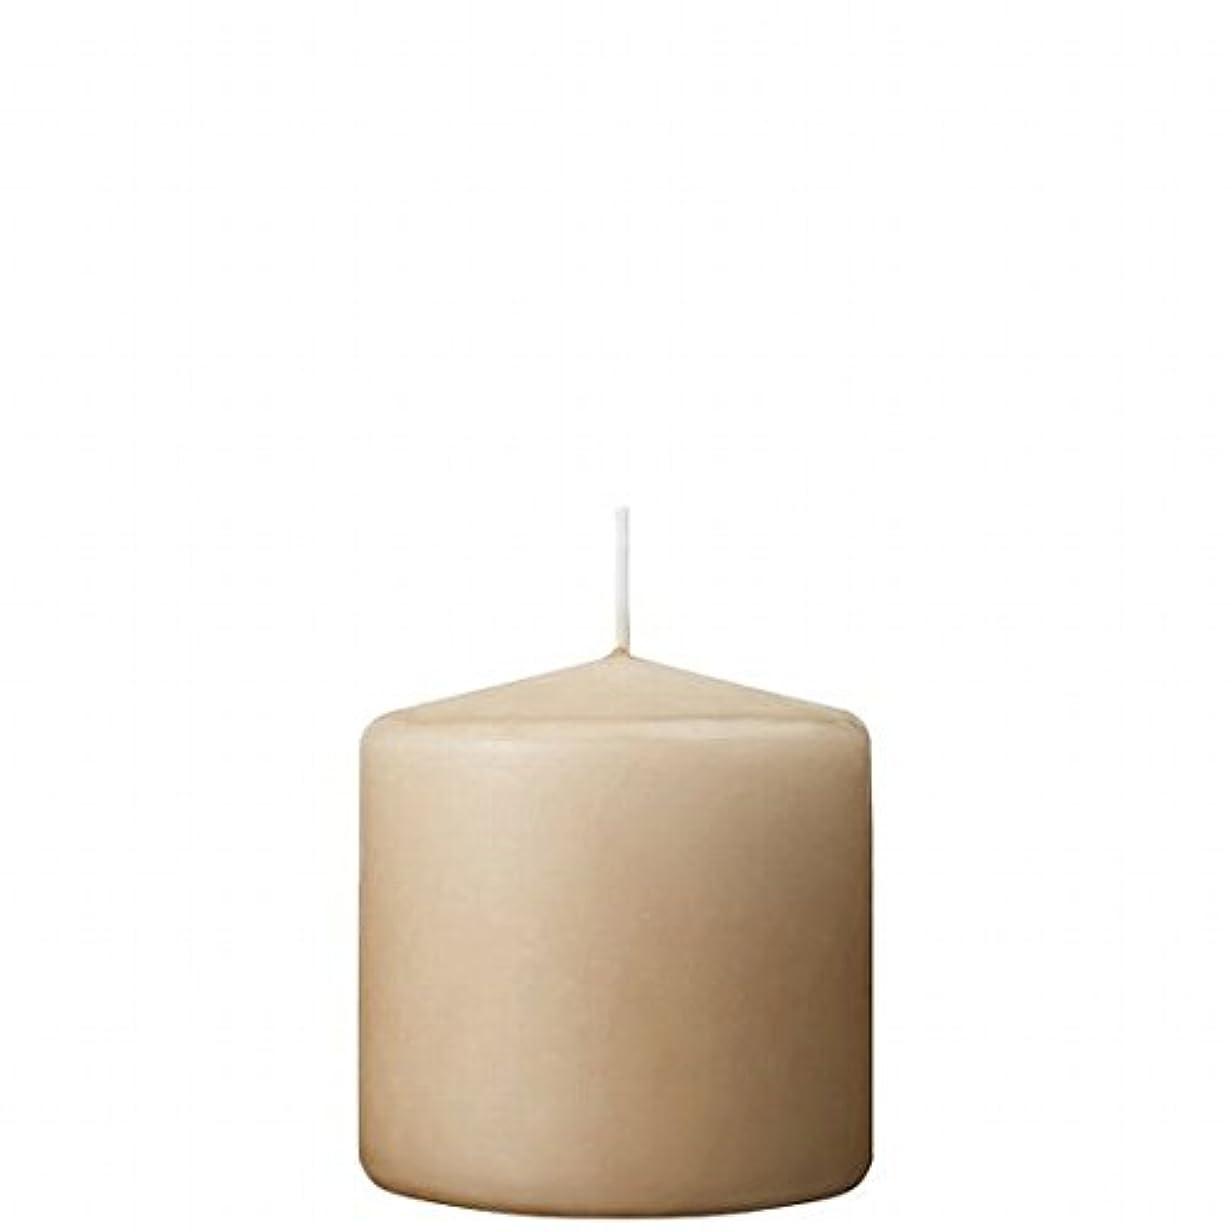 発火するオピエート安定kameyama candle(カメヤマキャンドル) 3×3ベルトップピラーキャンドル 「 ベージュ 」(A9730000BG)